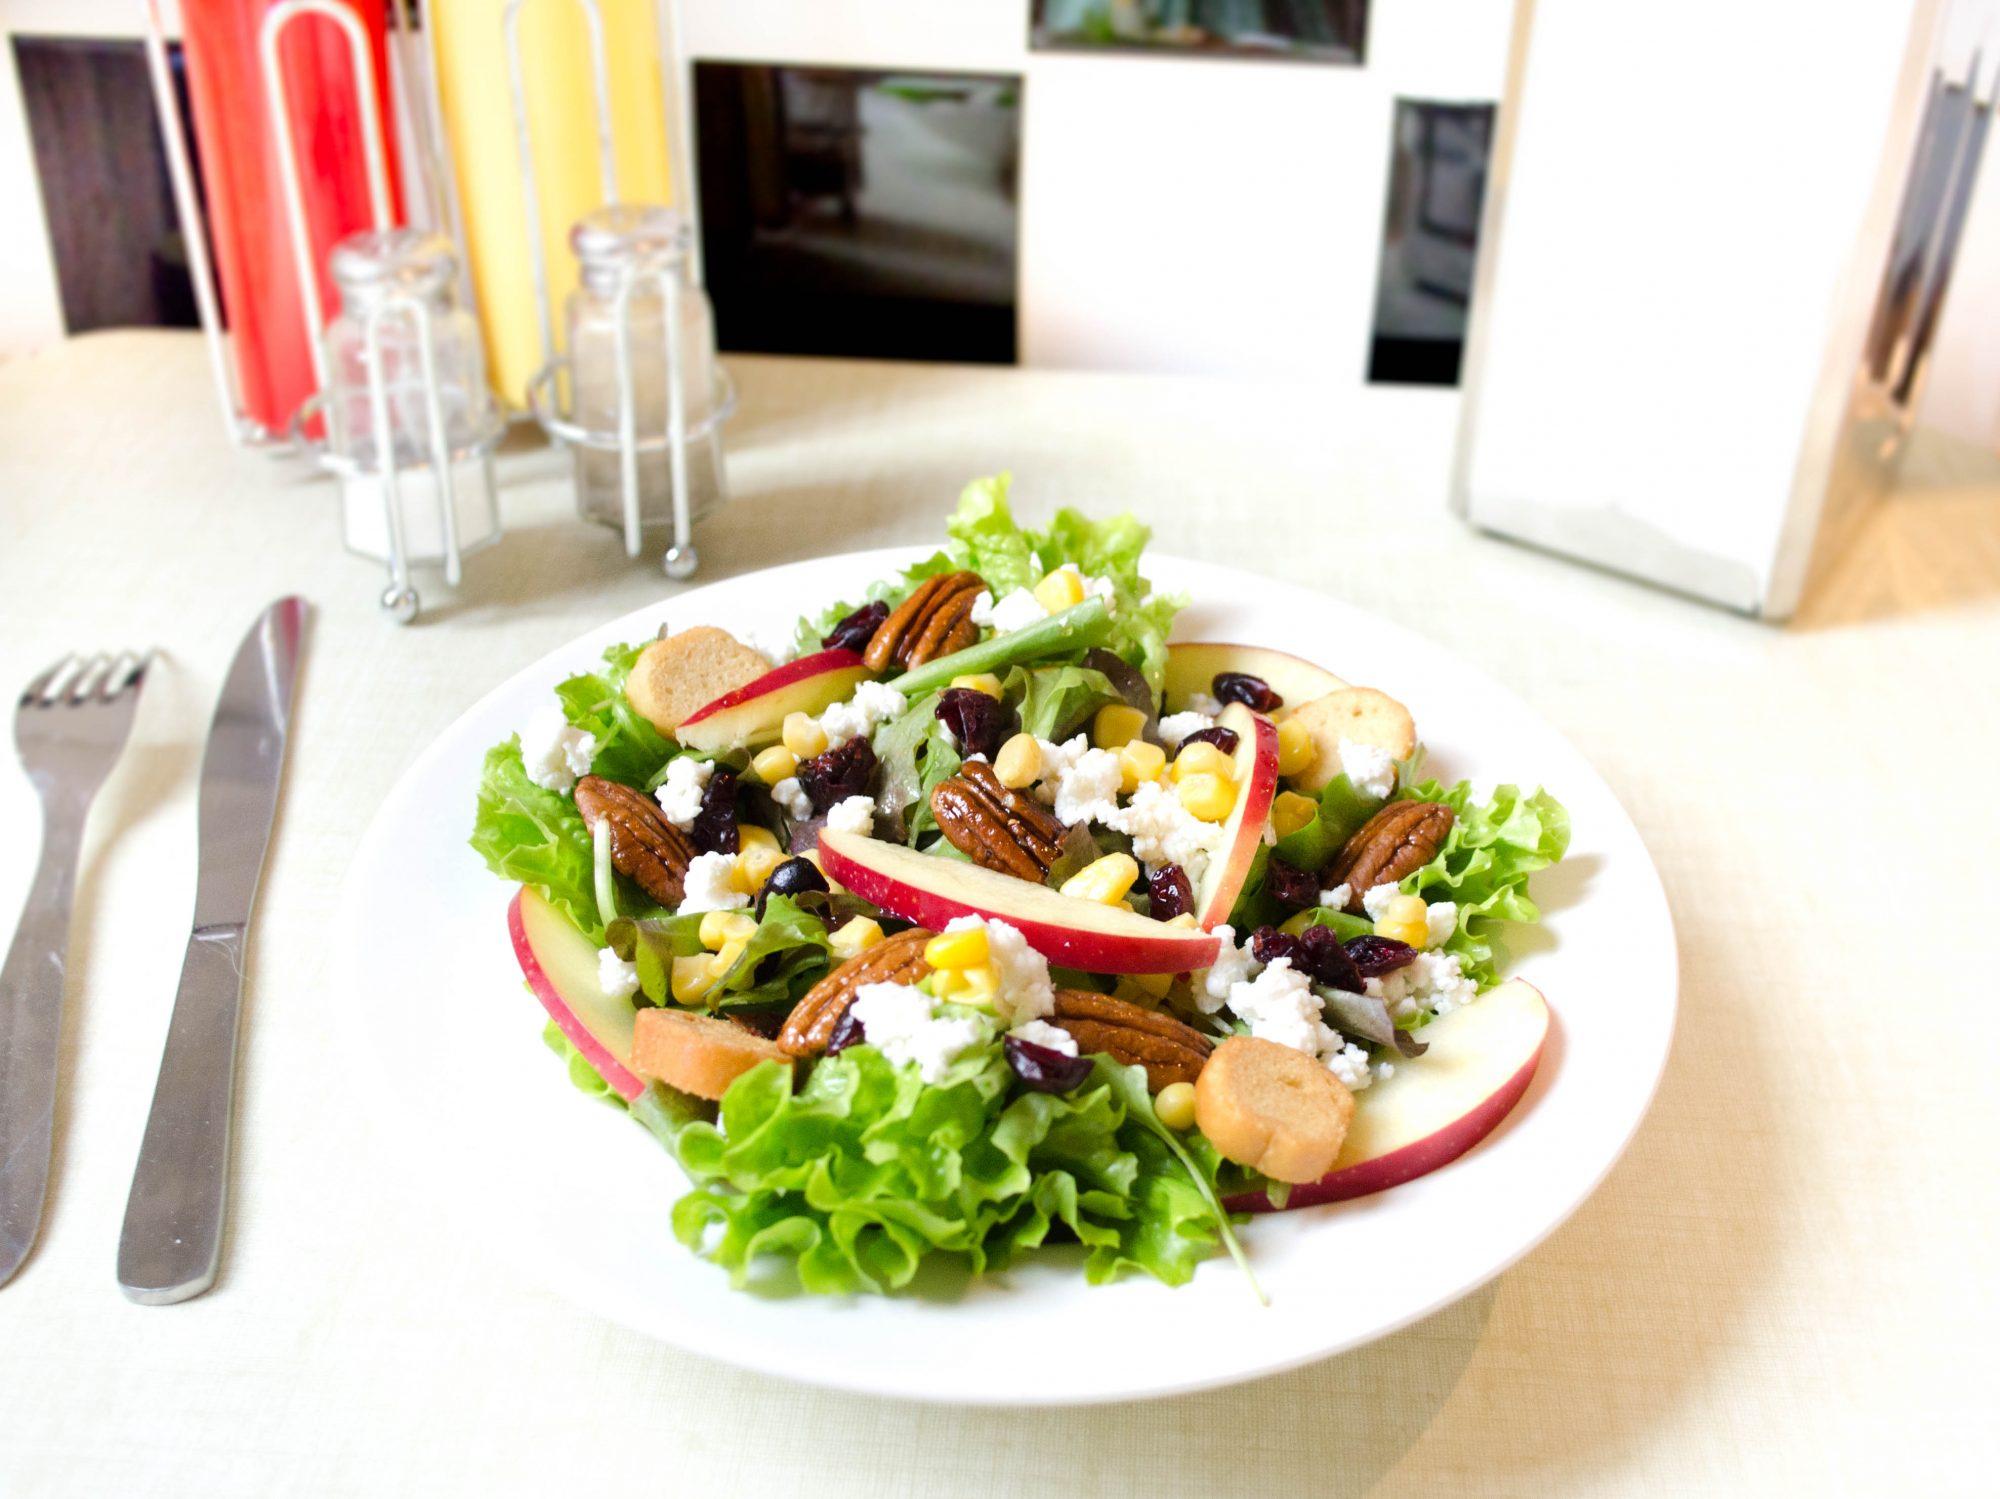 salade-automne-vinaigre-de-cidre-sirop-erable-cranberries-pecan-pomme-crouton-mesclun-batavia-chevre-frais-mais thanksgiving salad